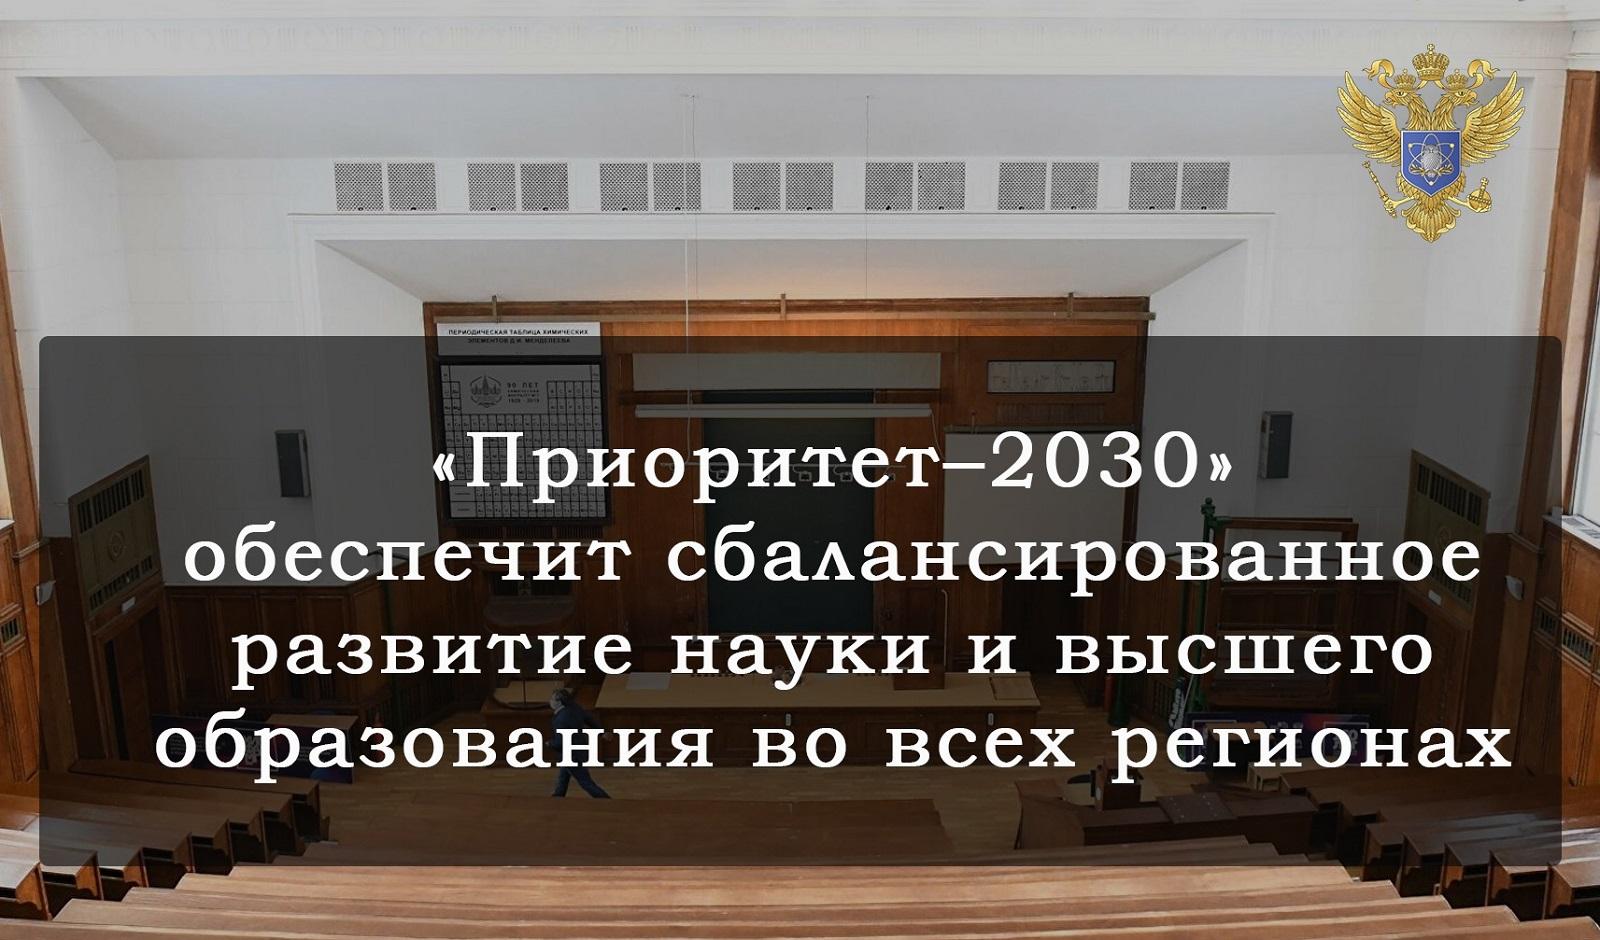 """俄罗斯科学和高等教育部""""优先级-2030""""计划介绍插图-小狮座俄罗斯留学"""